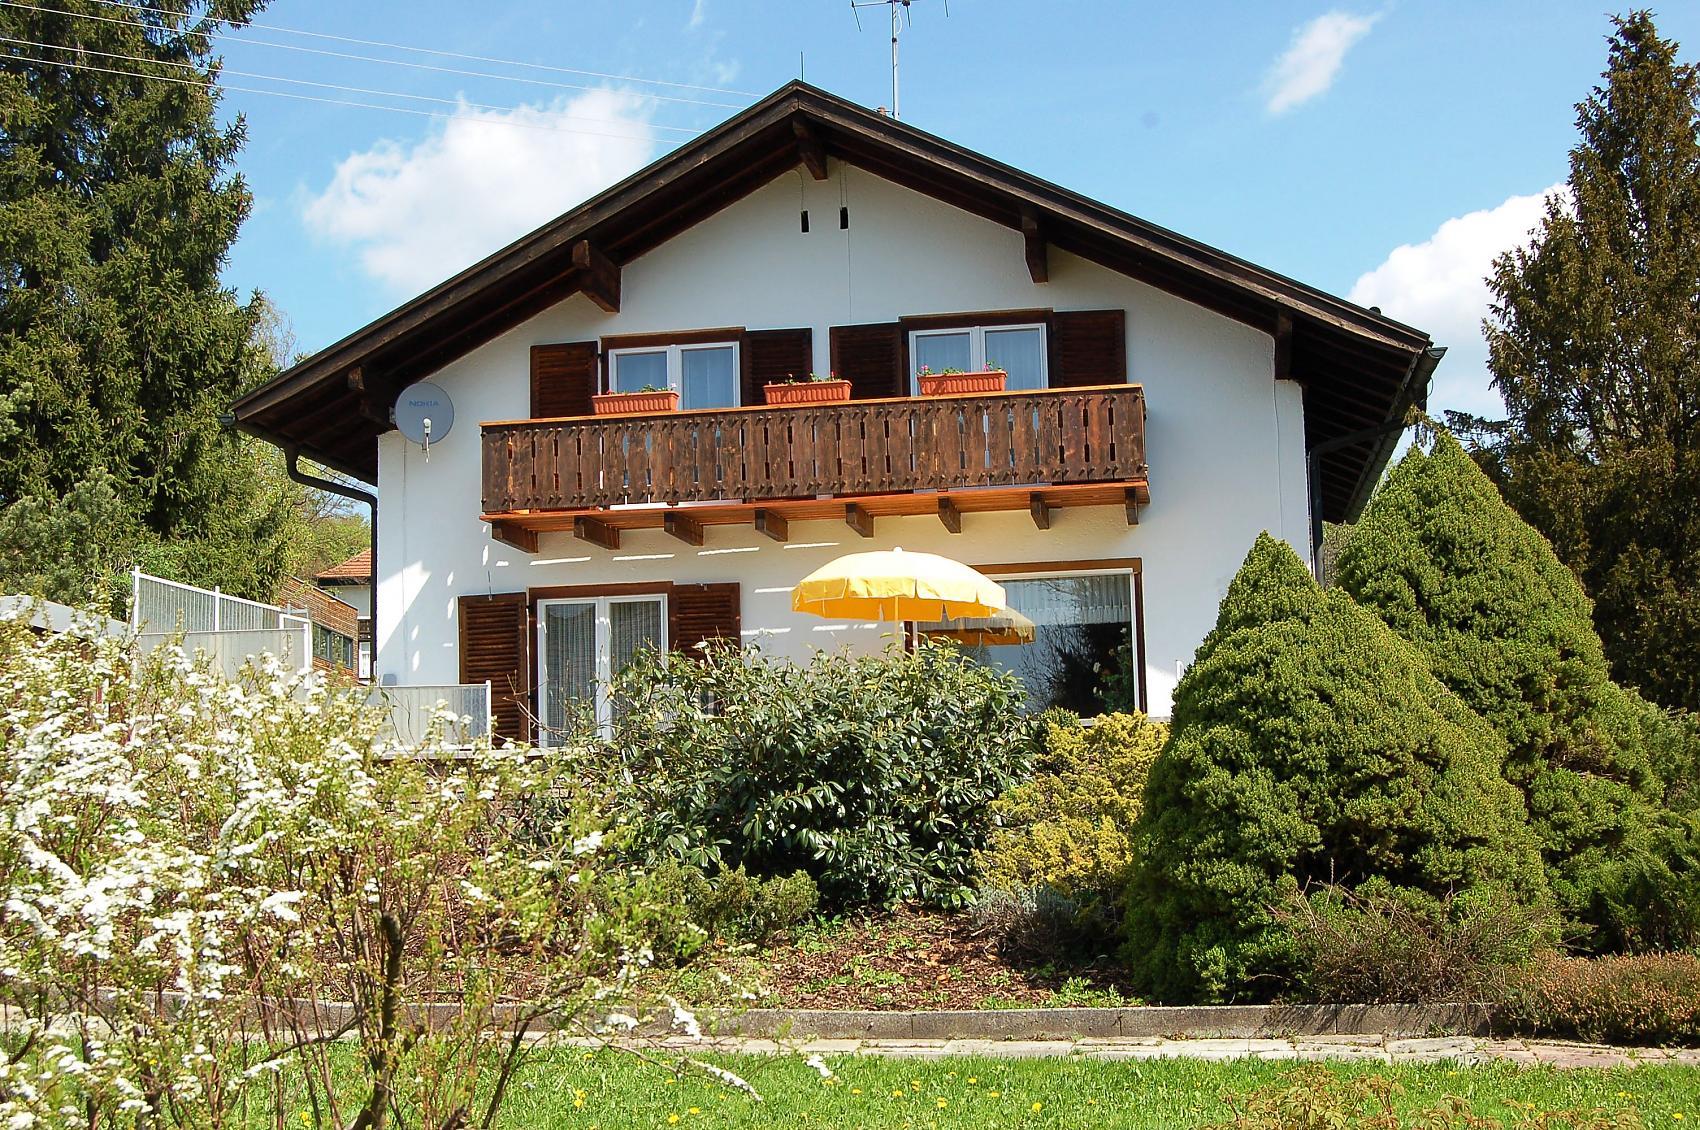 Ferienhaus Claudia Pillhofer - Feldafing